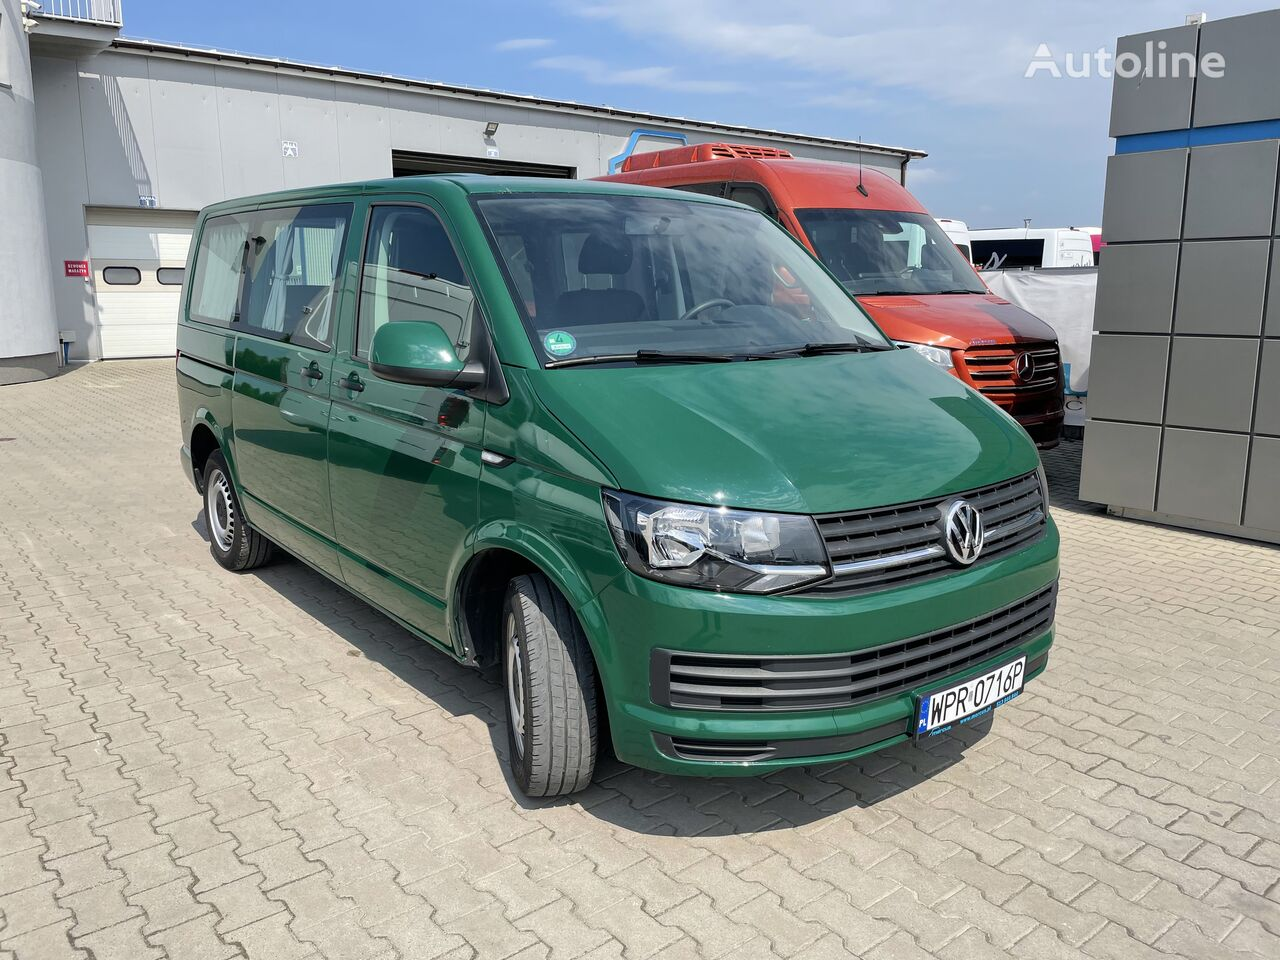 VOLKSWAGEN Multivan T6 passenger van